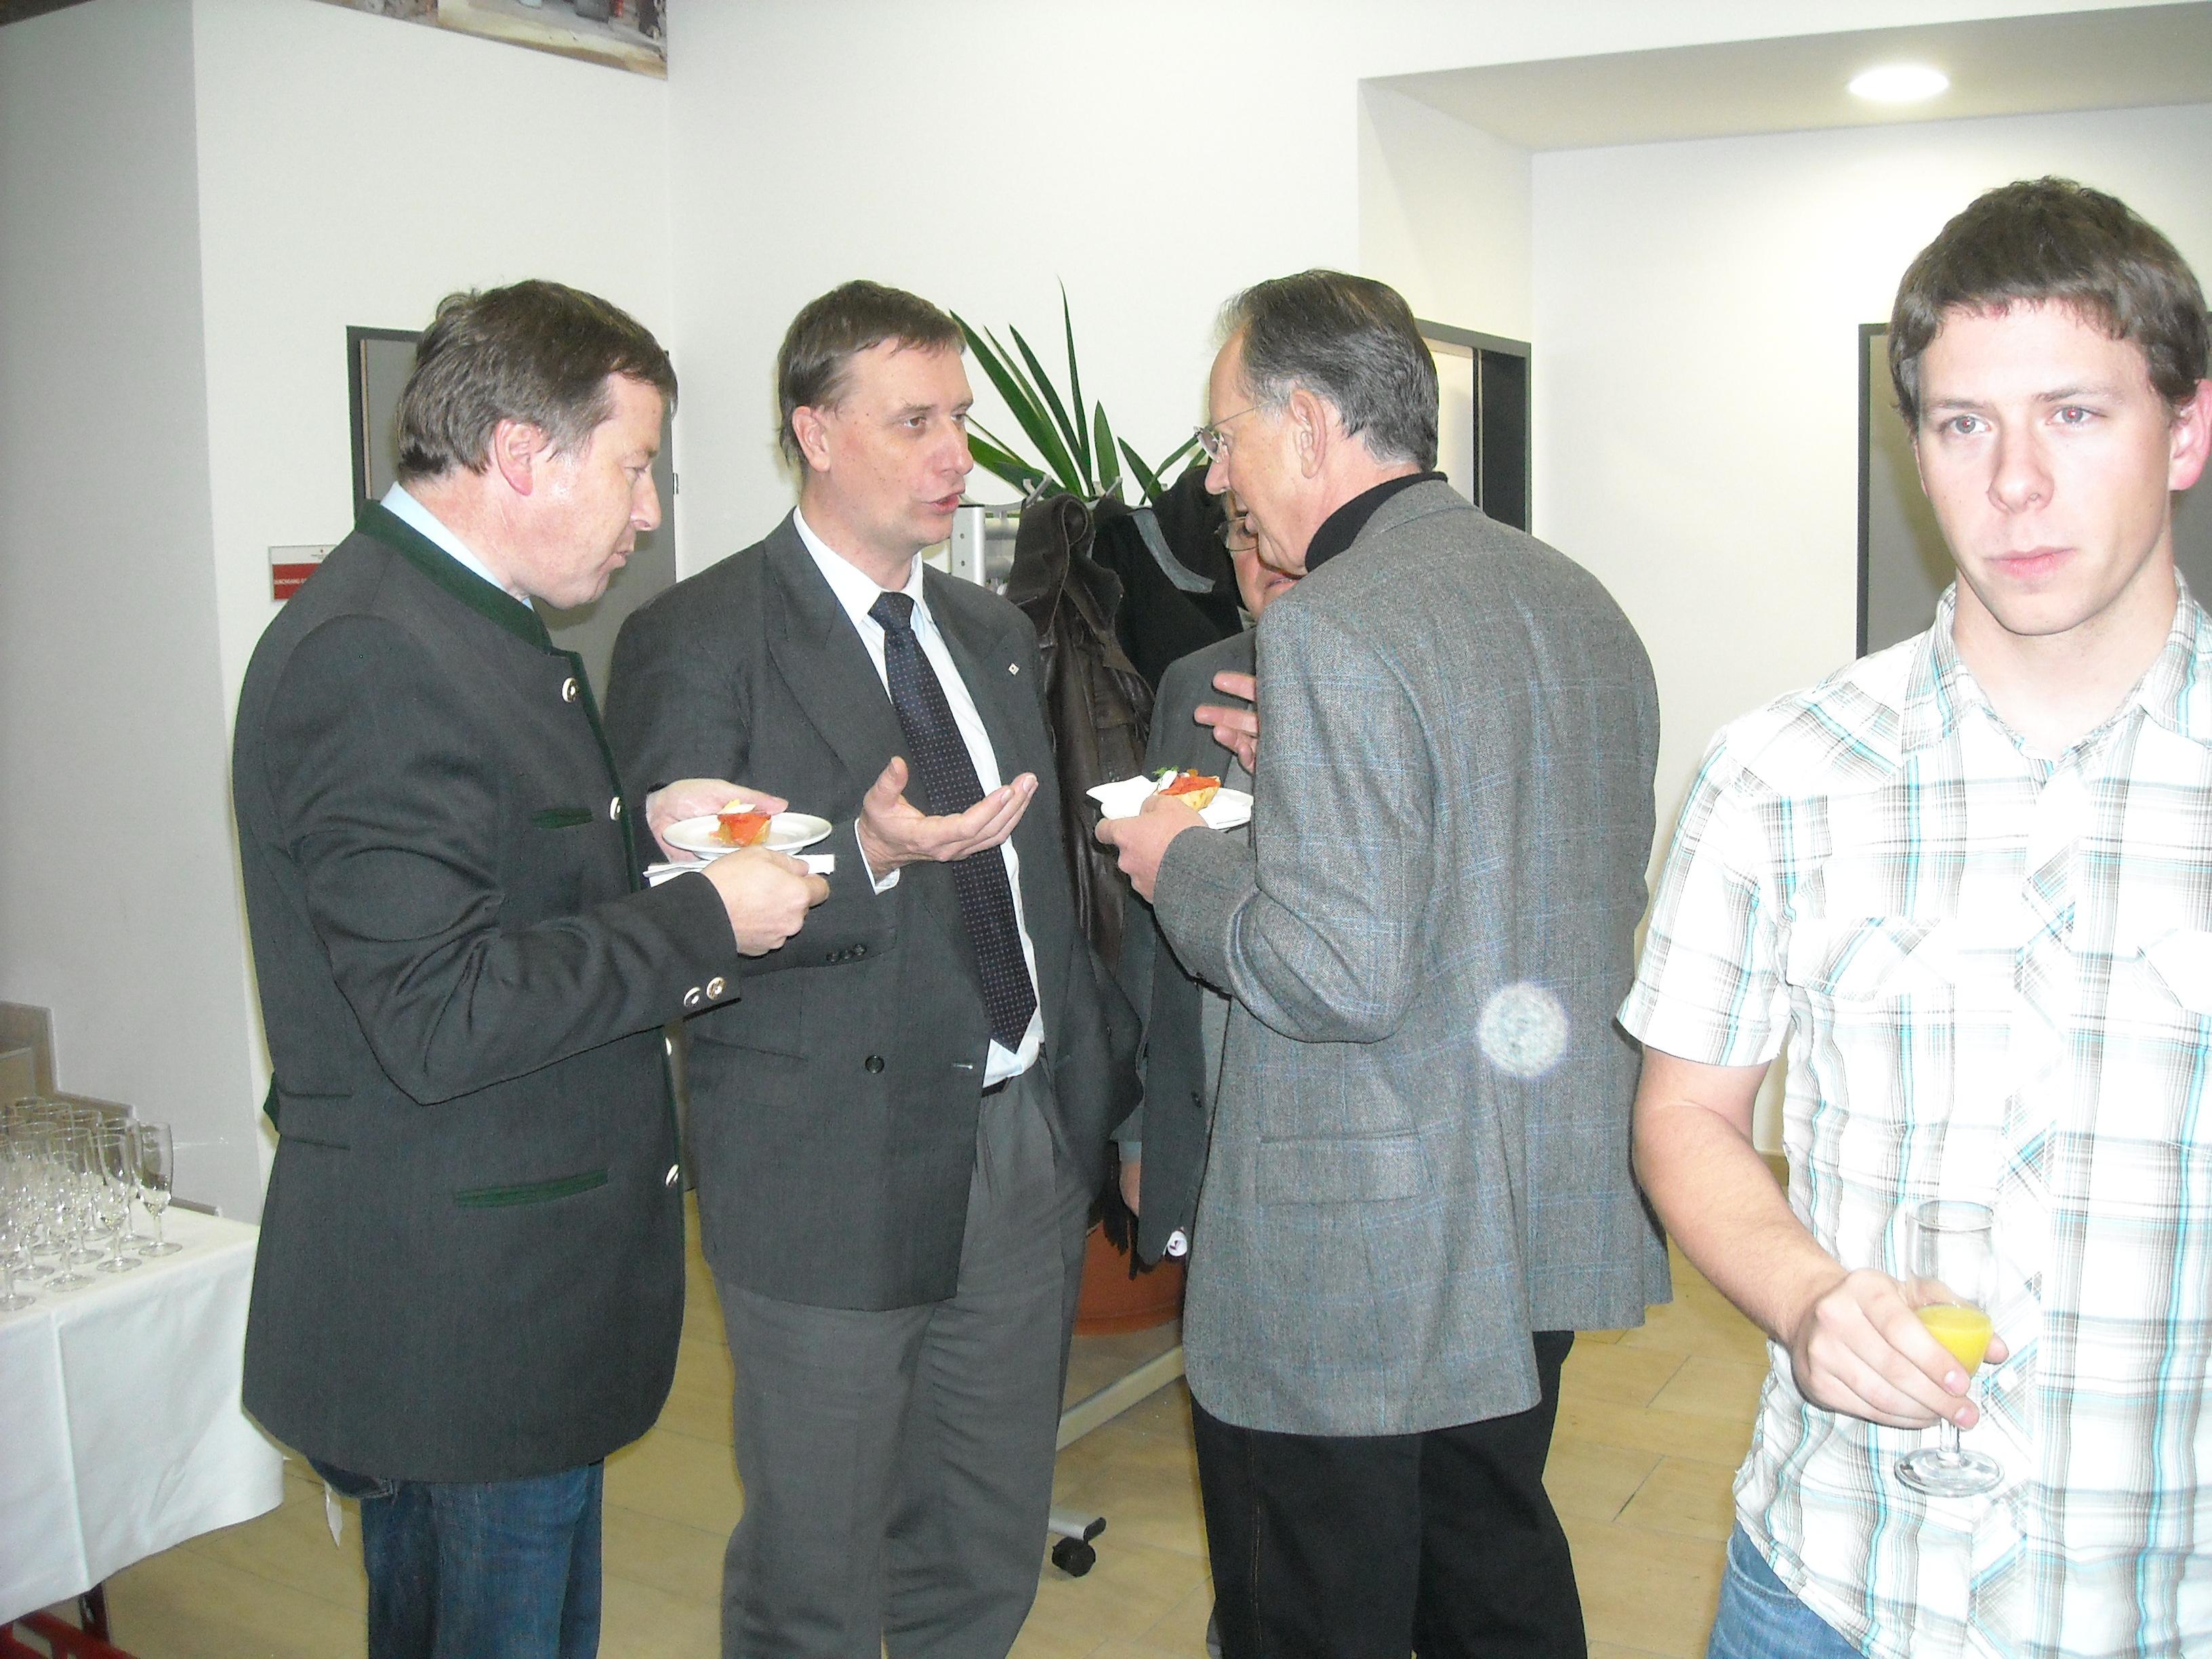 http://jrk.sbg-net.at/news/Jahresabschluss2009/DSCN6925.JPG